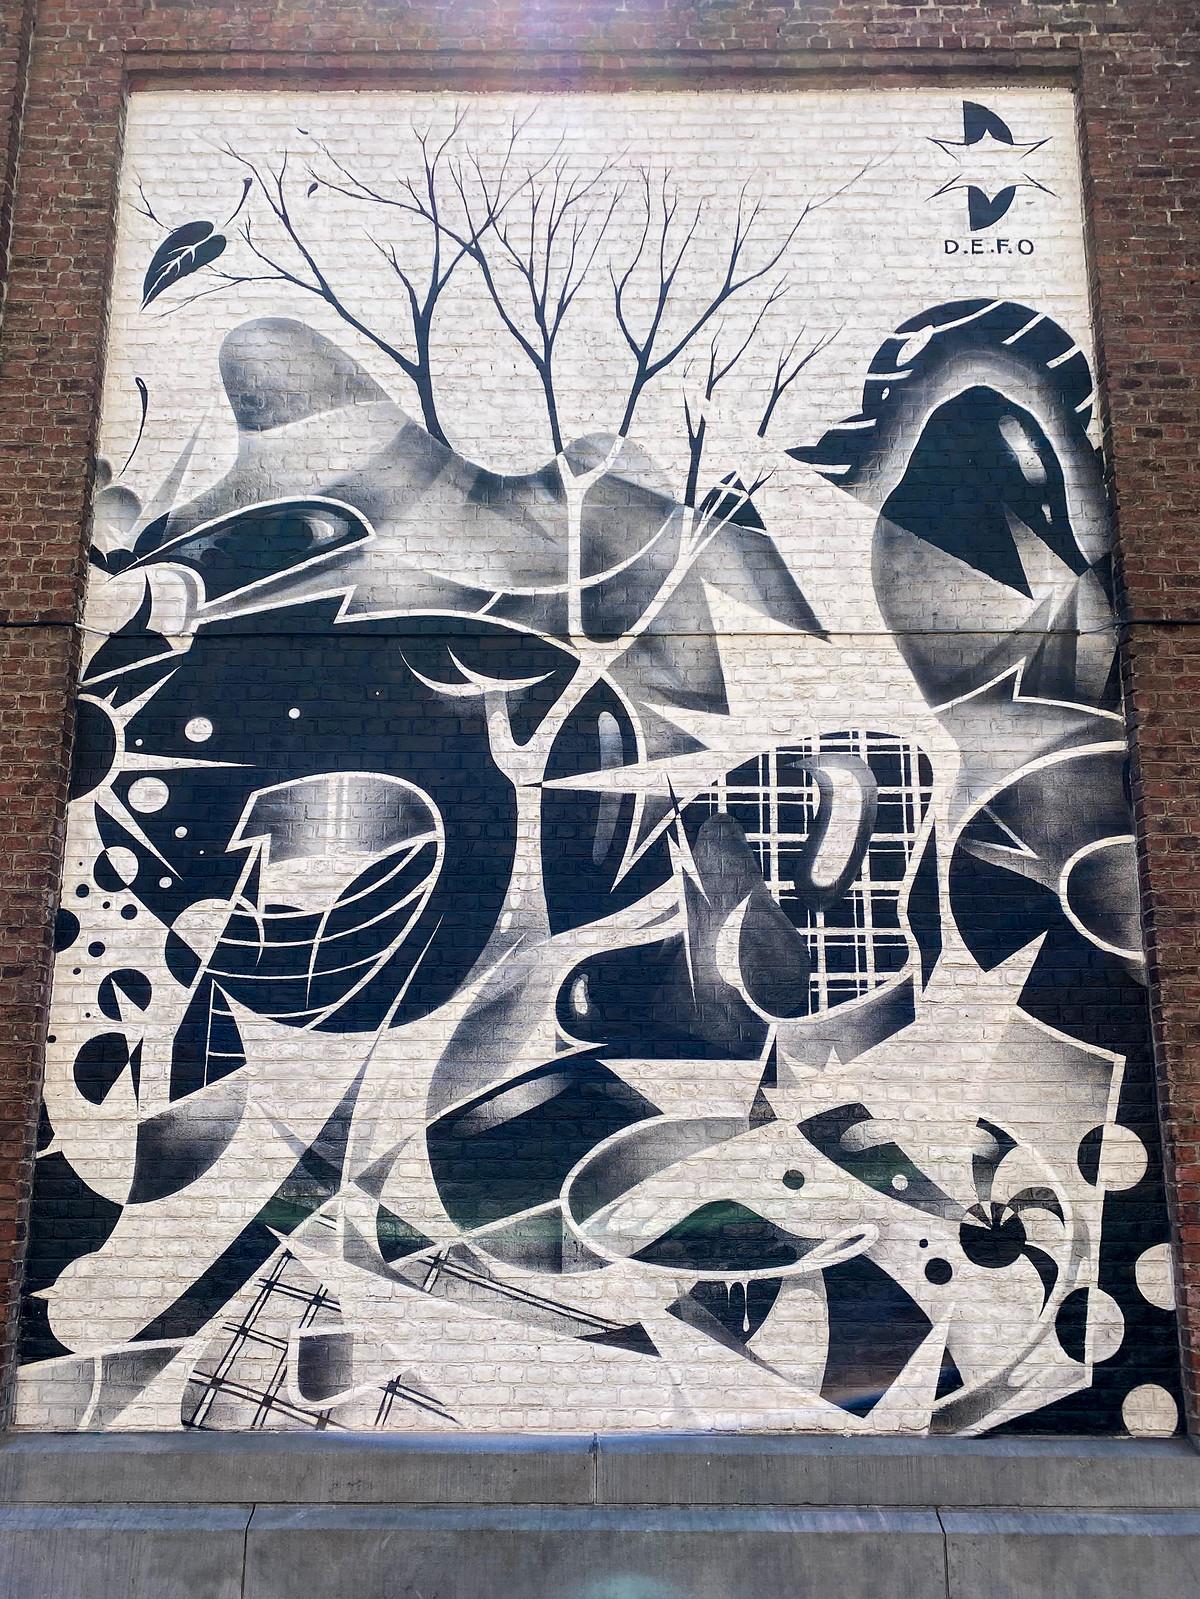 Street art mural by defomanone